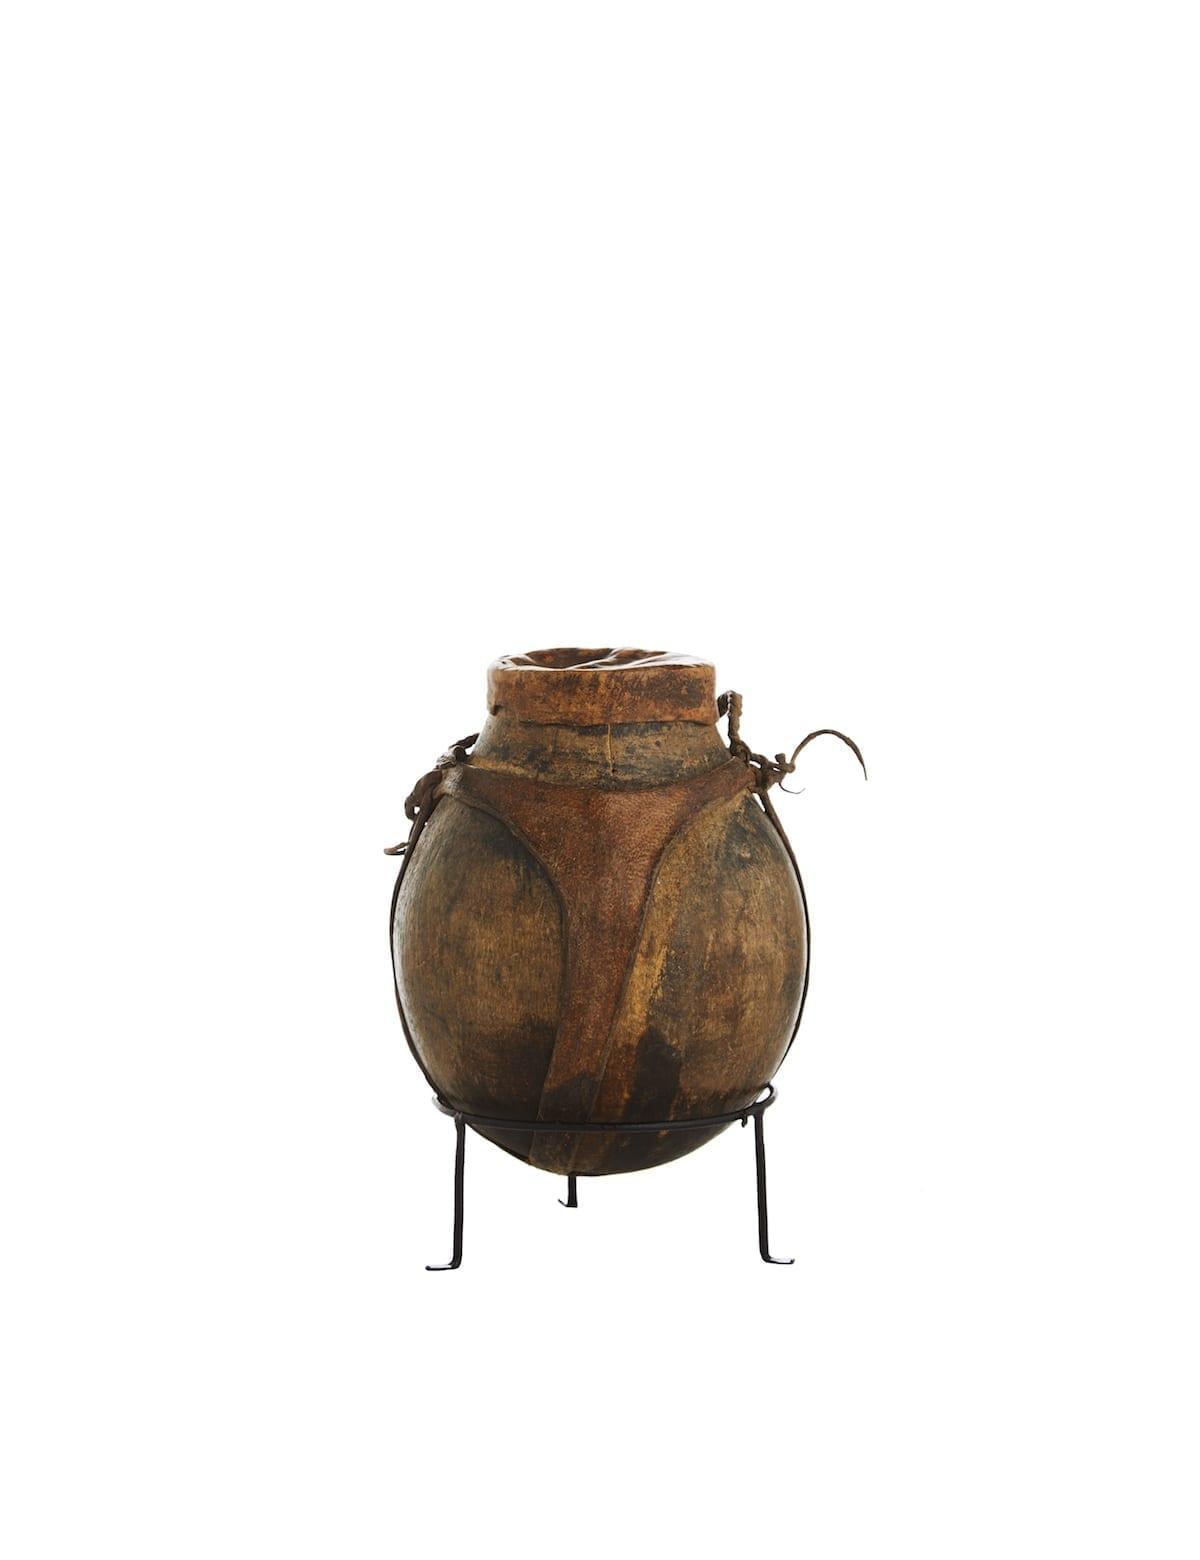 Pots & Bowls